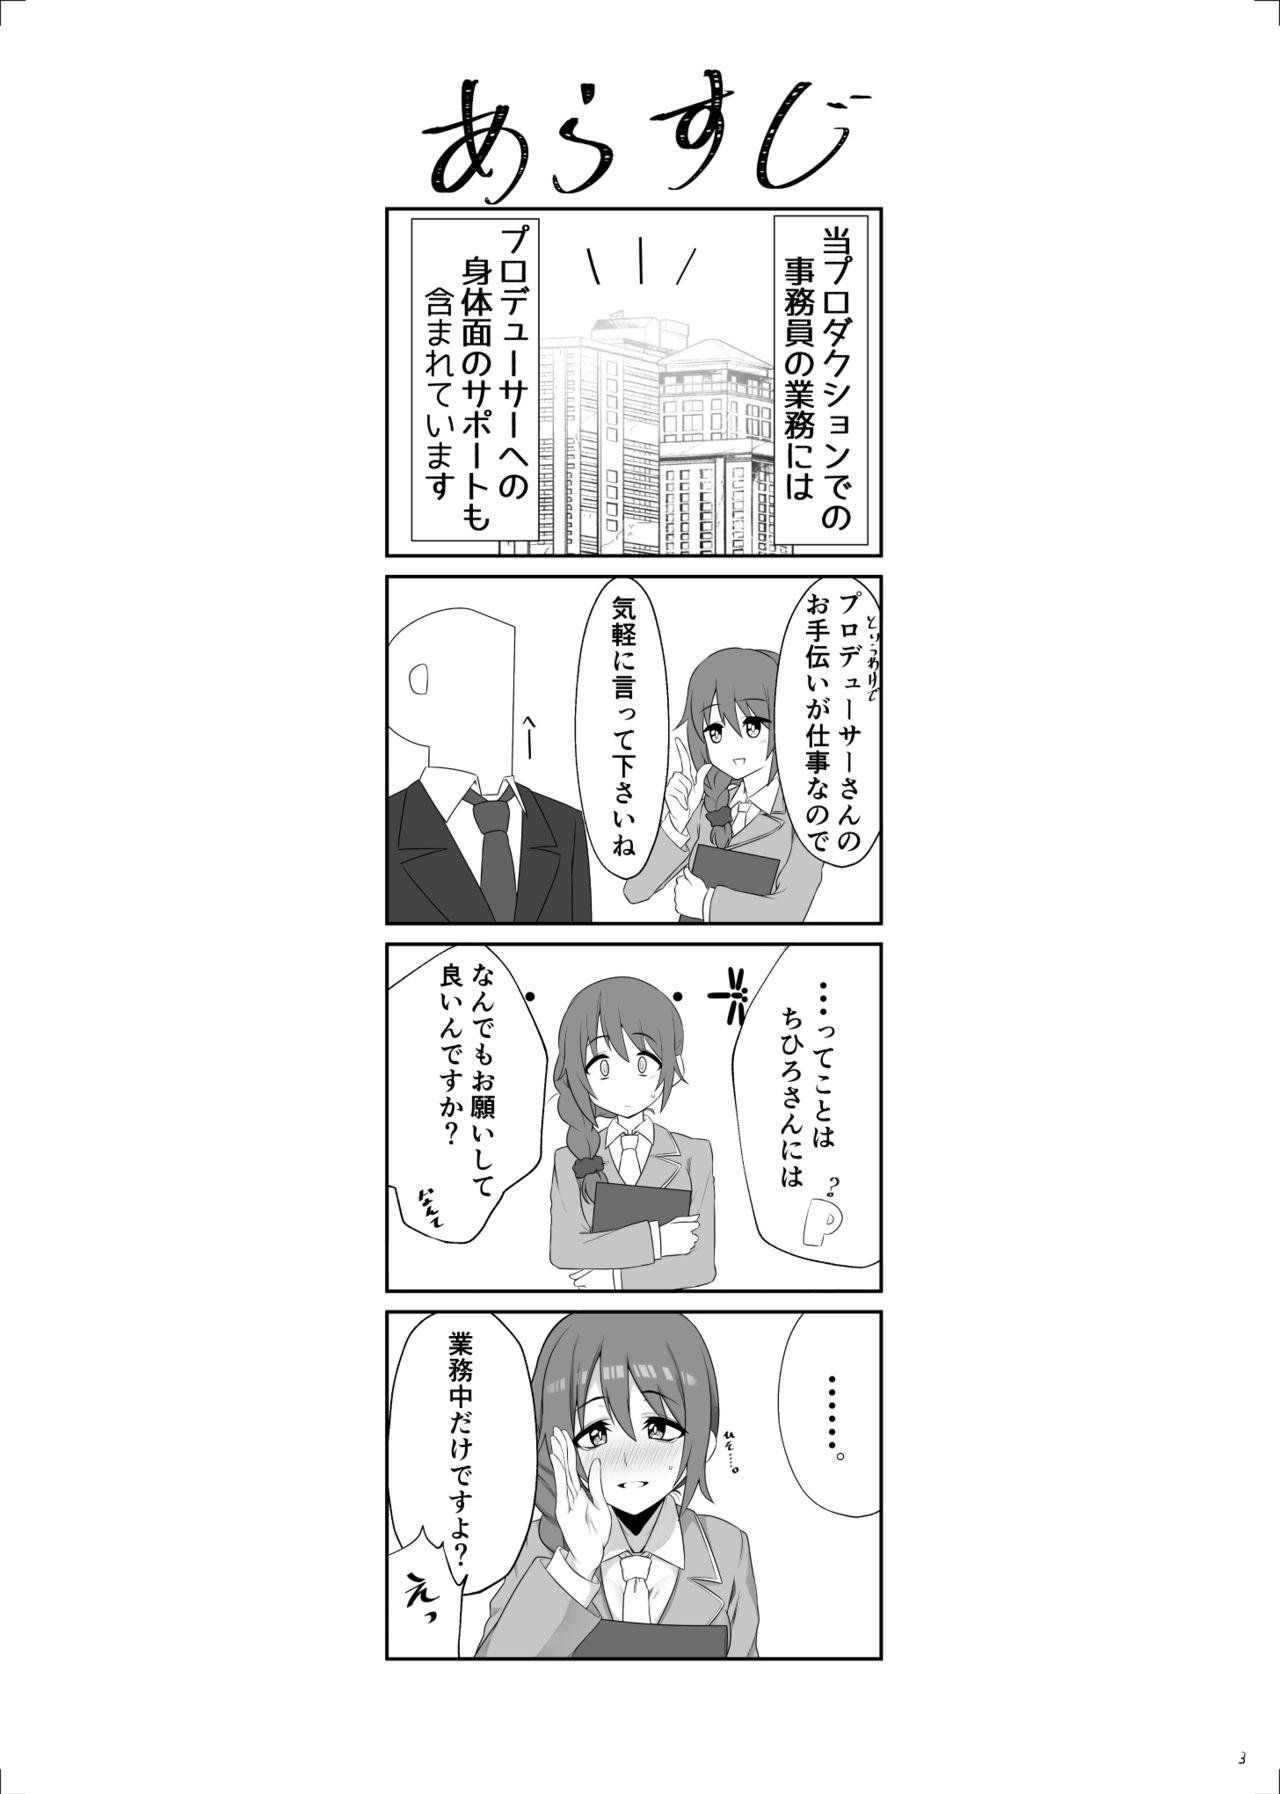 事務員の千川さんにお願いを聞いてもらう本 1